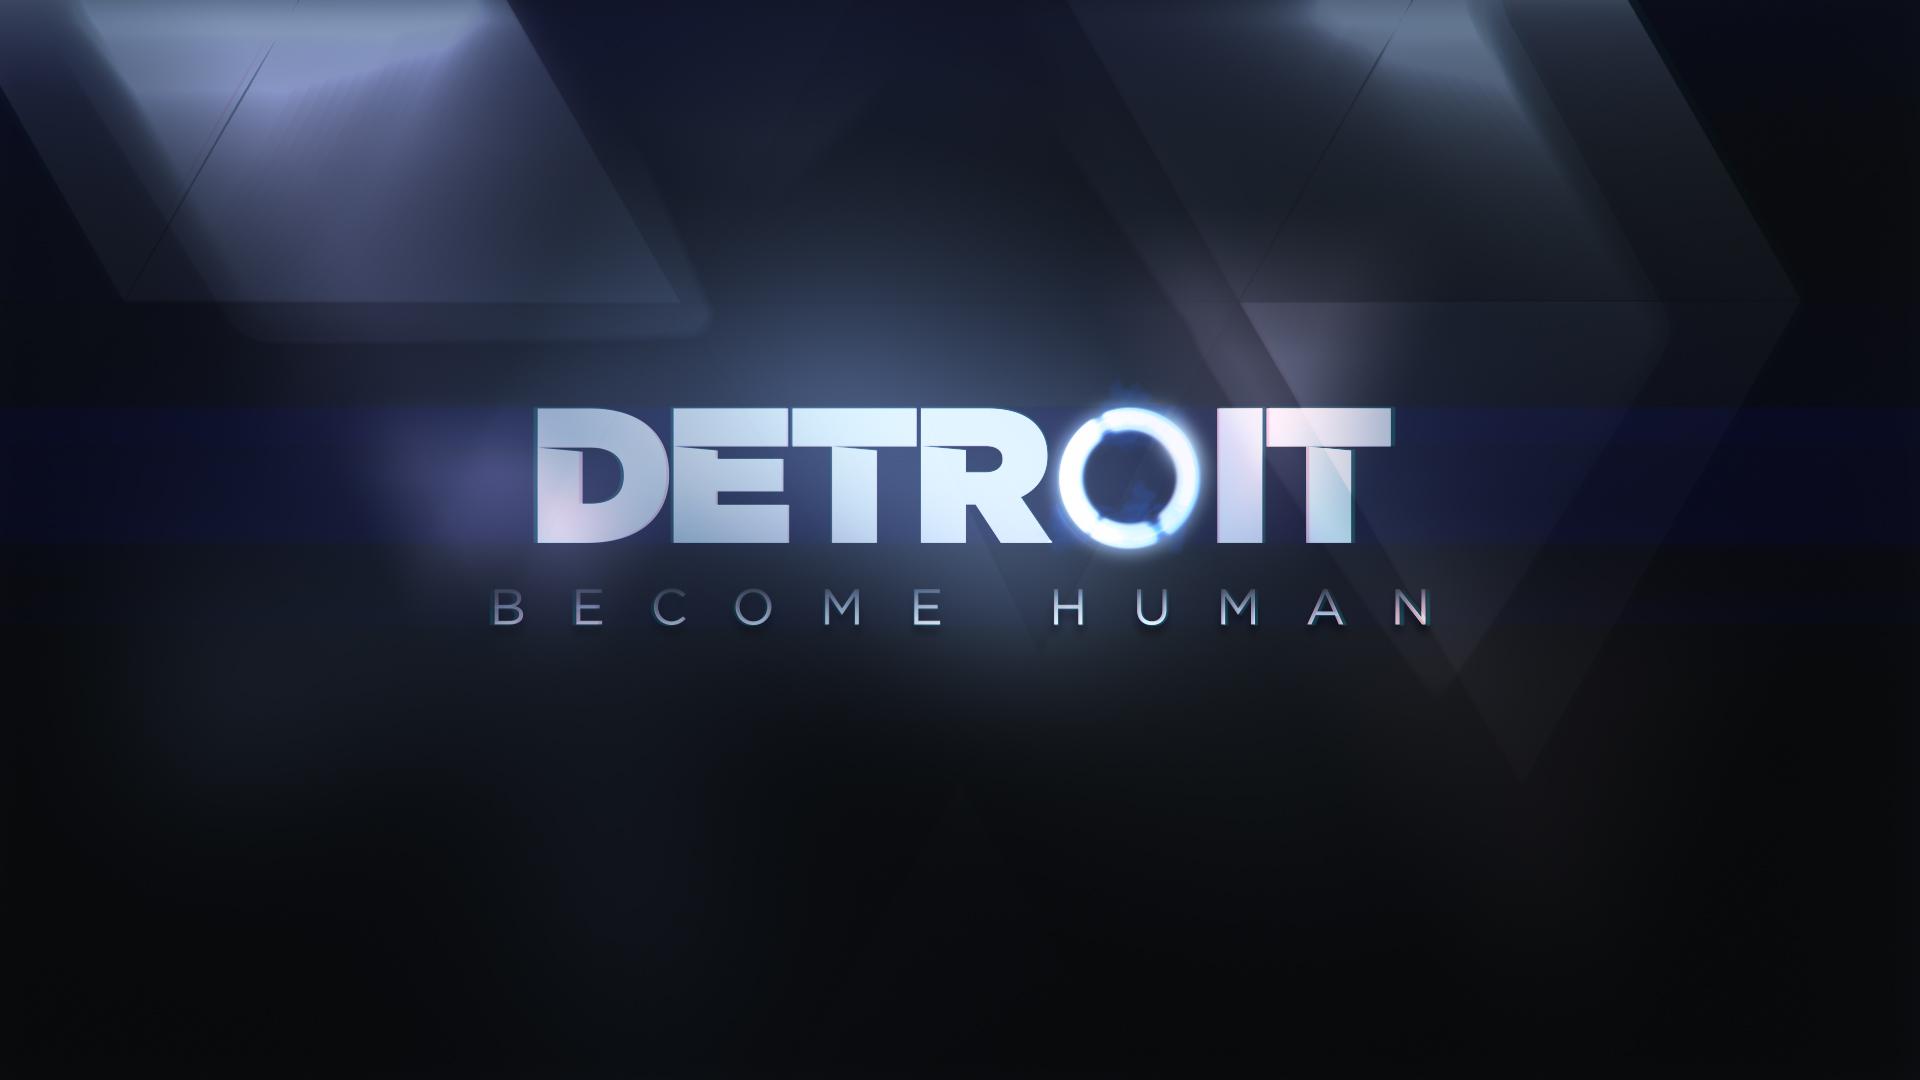 了解机器人 《底特律:变人》克洛伊宣传片展示